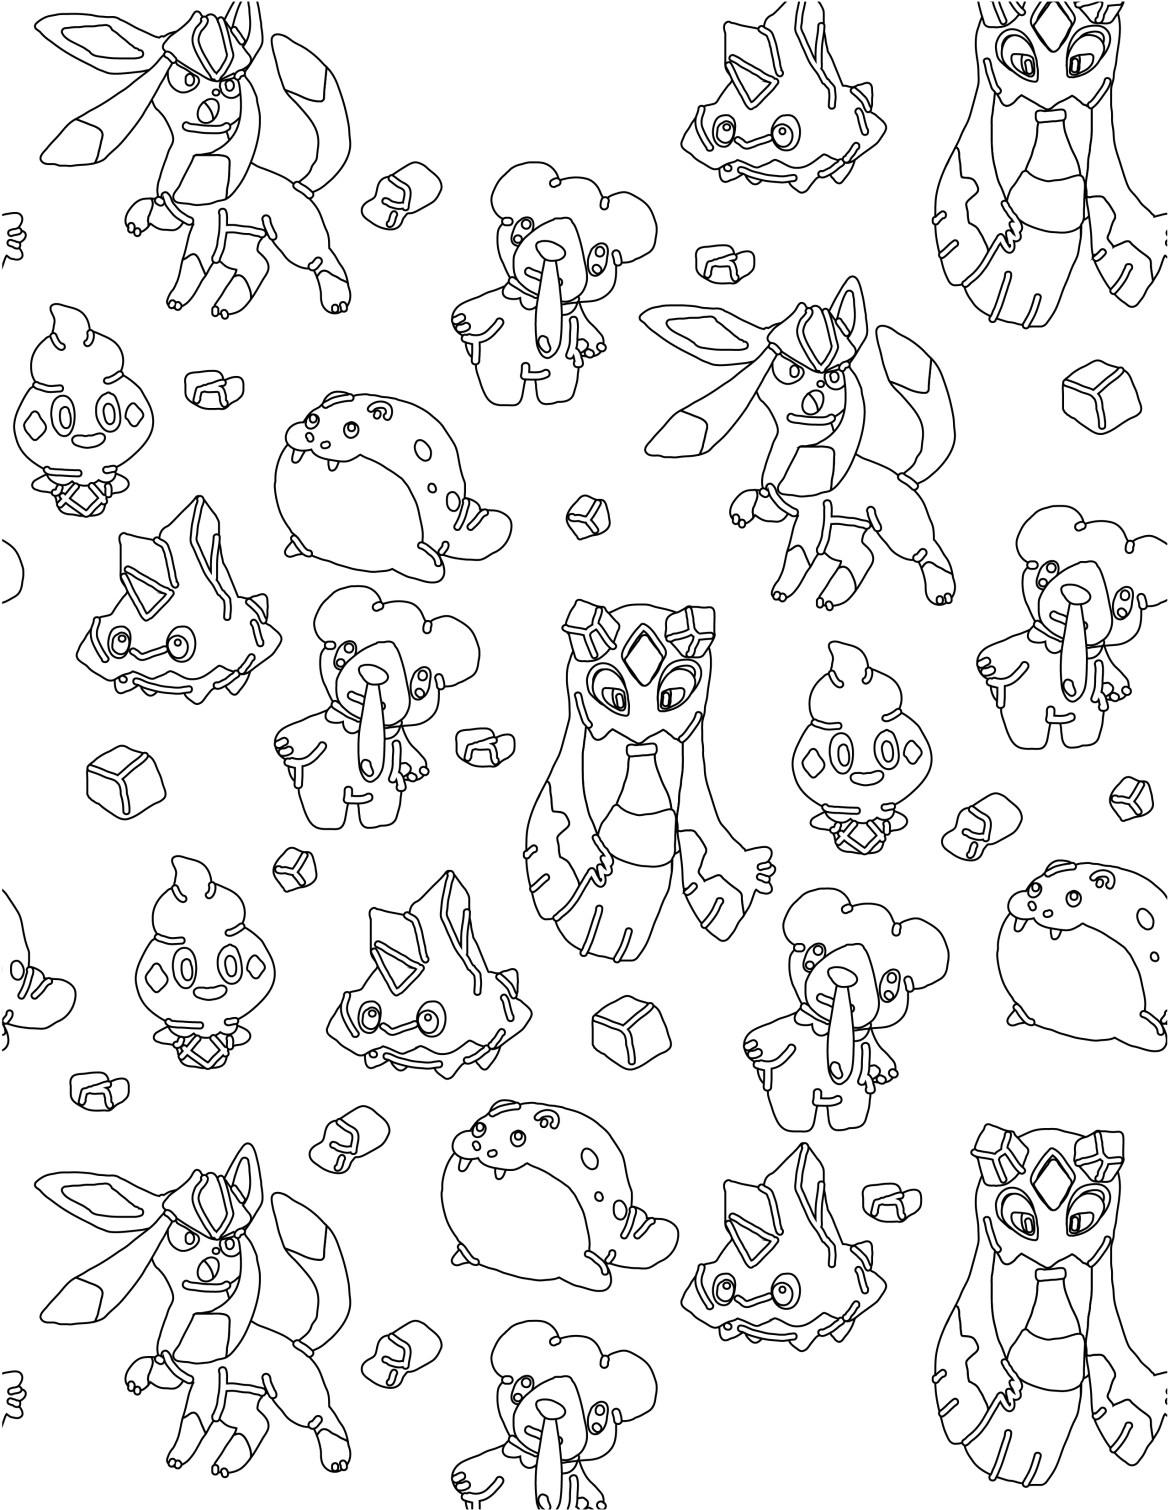 Pokemon glace imprimer et colorier - Coloriages pokemon gratuit ...